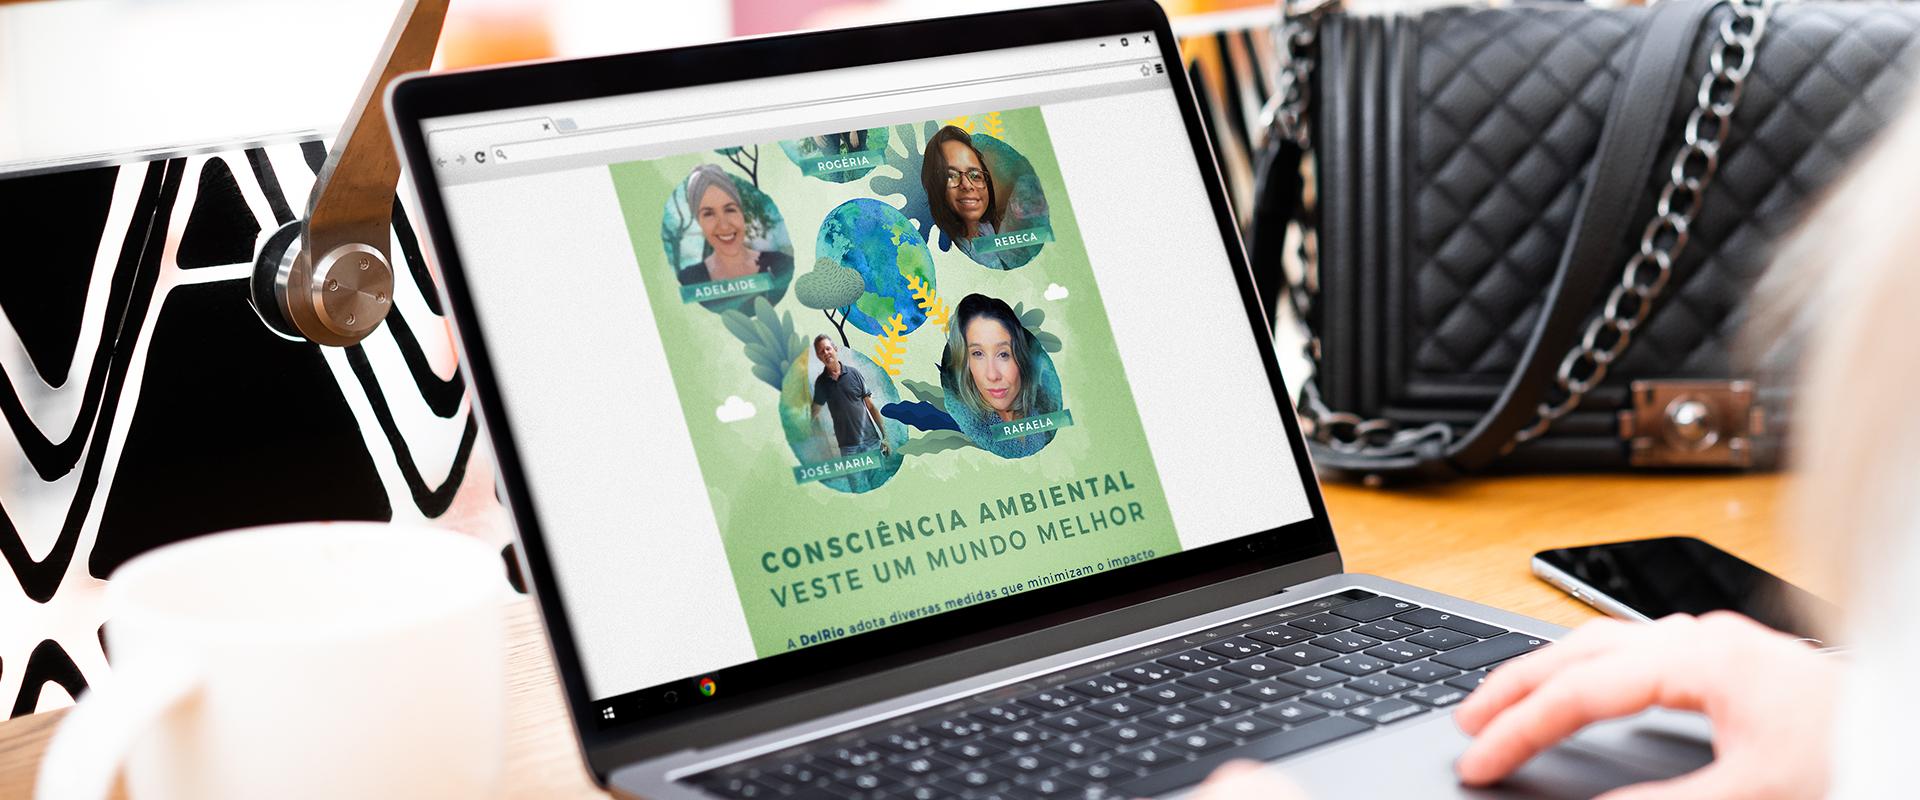 DelRio celebra a Semana do Meio Ambiente com ações digitais de endomarketing